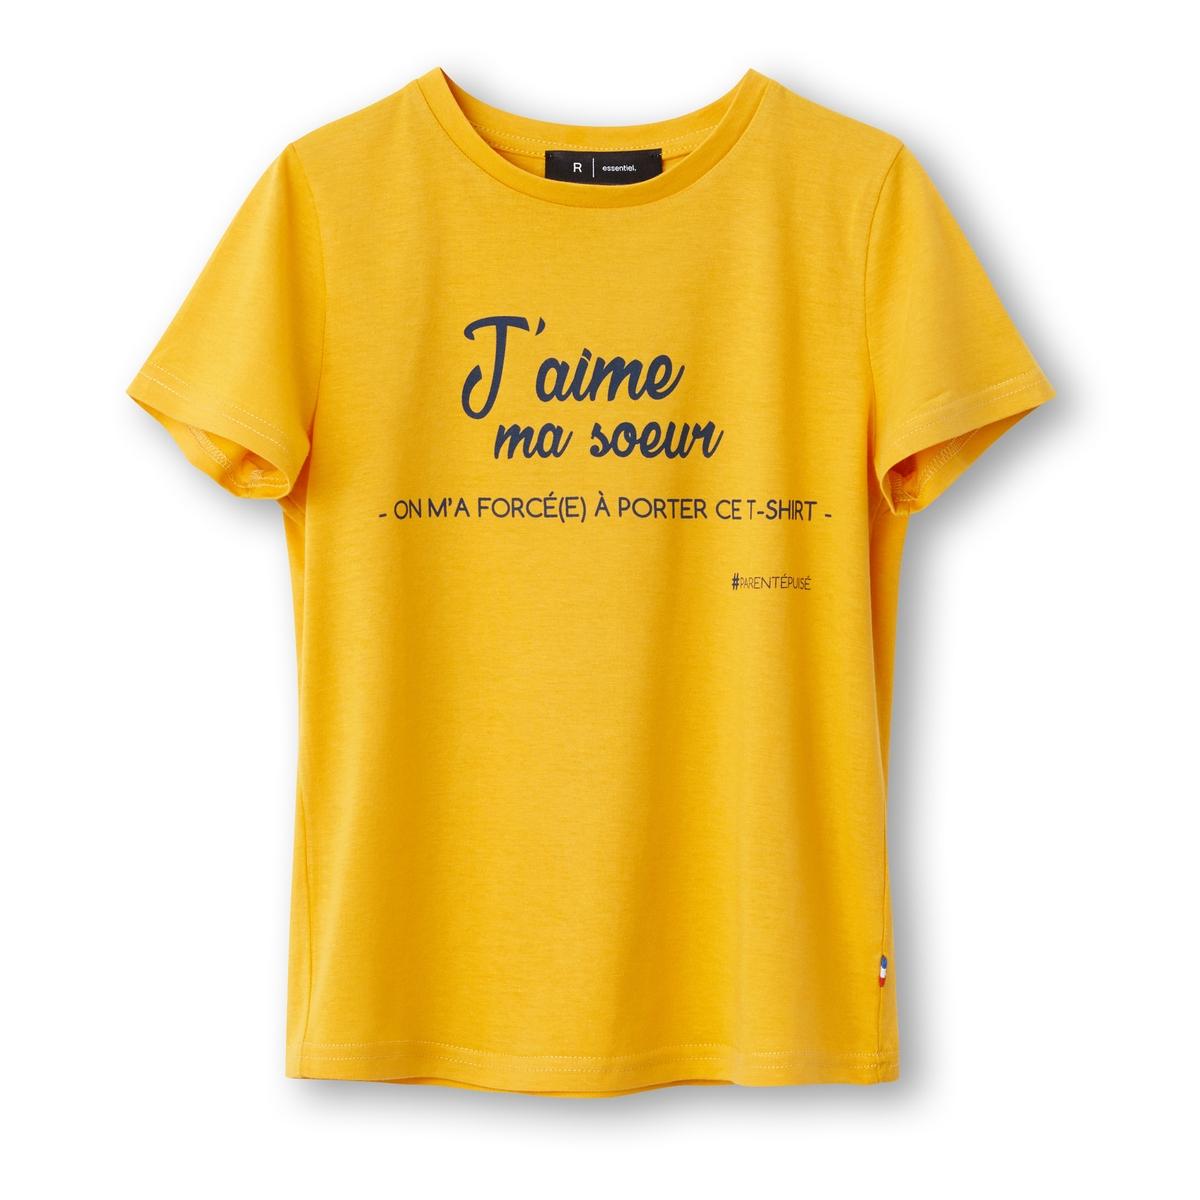 Футболка Made in France совместное производство с PARENT EPUISEСостав и описание                           Материал: 100% хлопок                           Марка     R essentiel Made In France совместно с PARENT ?PUIS?                                                    Уход:                                             Стирать при 30° с изделиями схожих цветов                 Гладить с изнаночной стороны                 Отбеливание запрещено                 Гладить на средней температуре<br><br>Цвет: желтый/ синий<br>Размер: 5 лет - 108 см